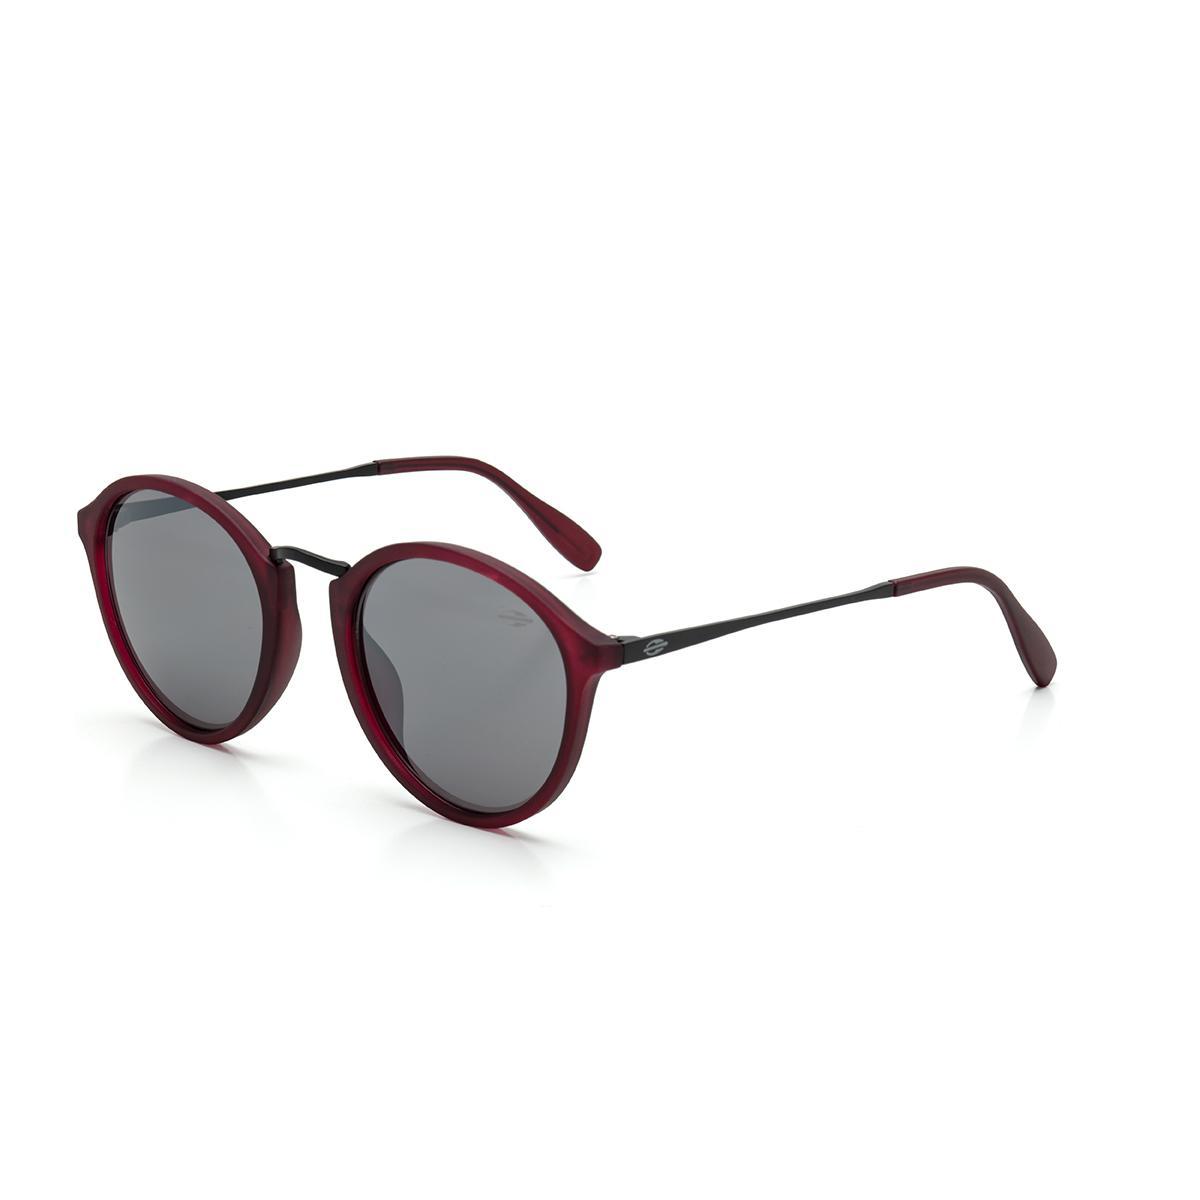 60e629d86e99e Óculos de Sol Mormaii CALI M0077 C12 09 Vinho Burgundy Lente Espelhada Prata  Tam 50 R  329